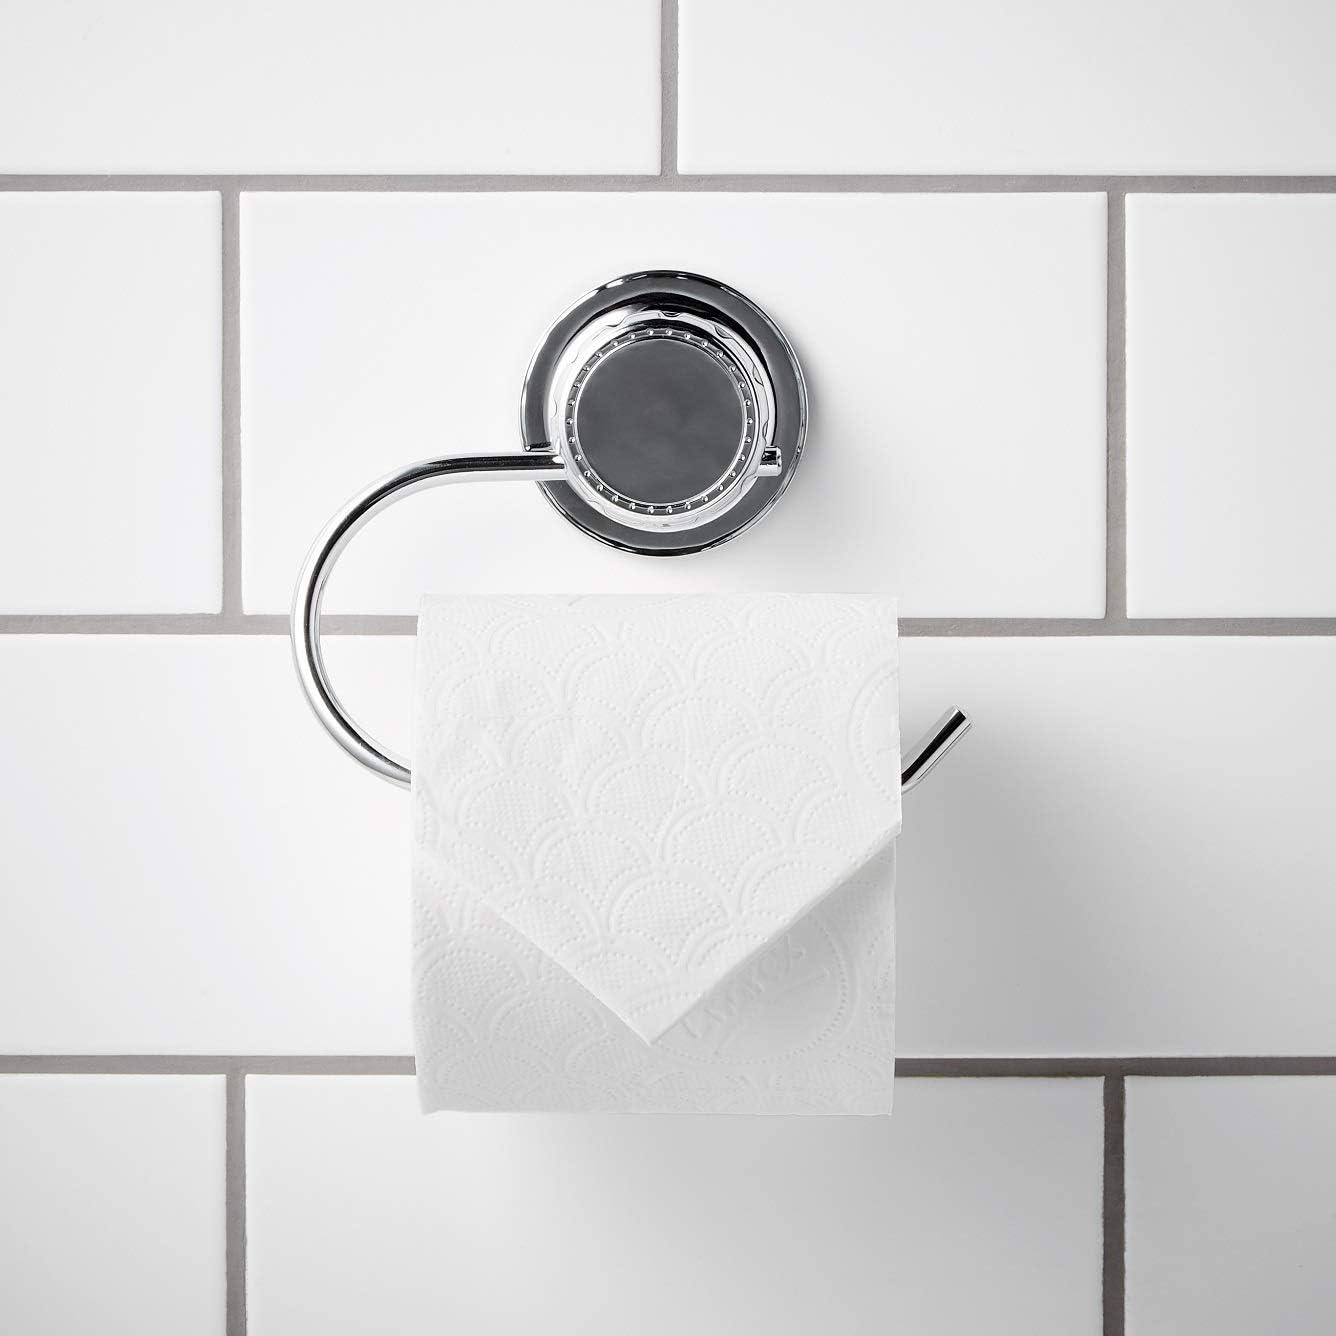 /À ventouse pour rouleau de papier toilette Chrome simplywire Distributeur de mouchoirs pour la salle de bain Antirouille